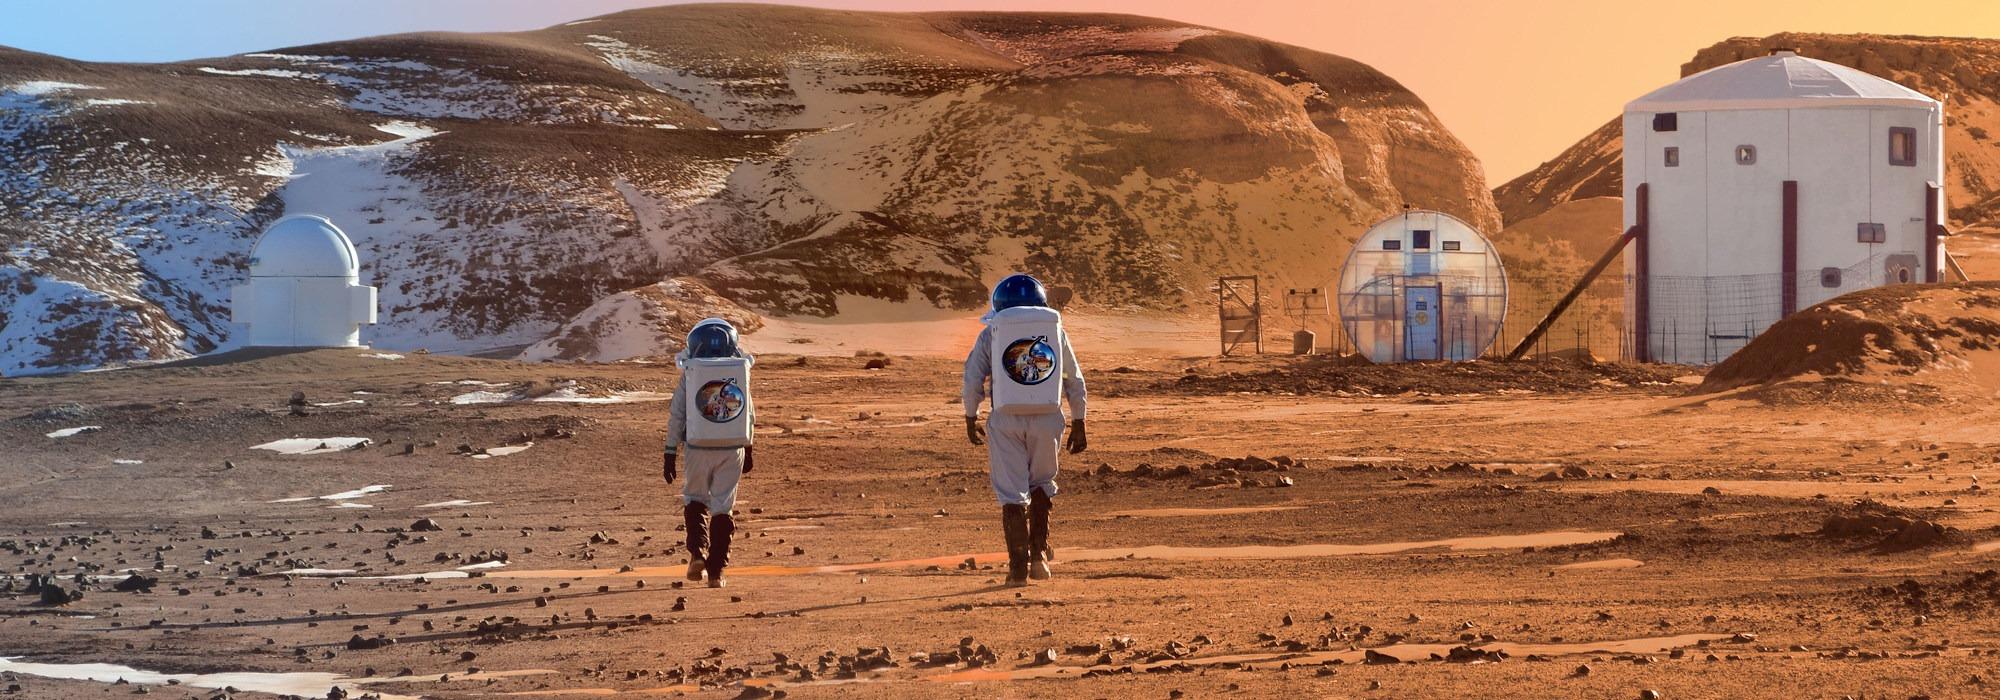 İnsanlık 10 Yıl içinde Mars'a gidebilir mi?